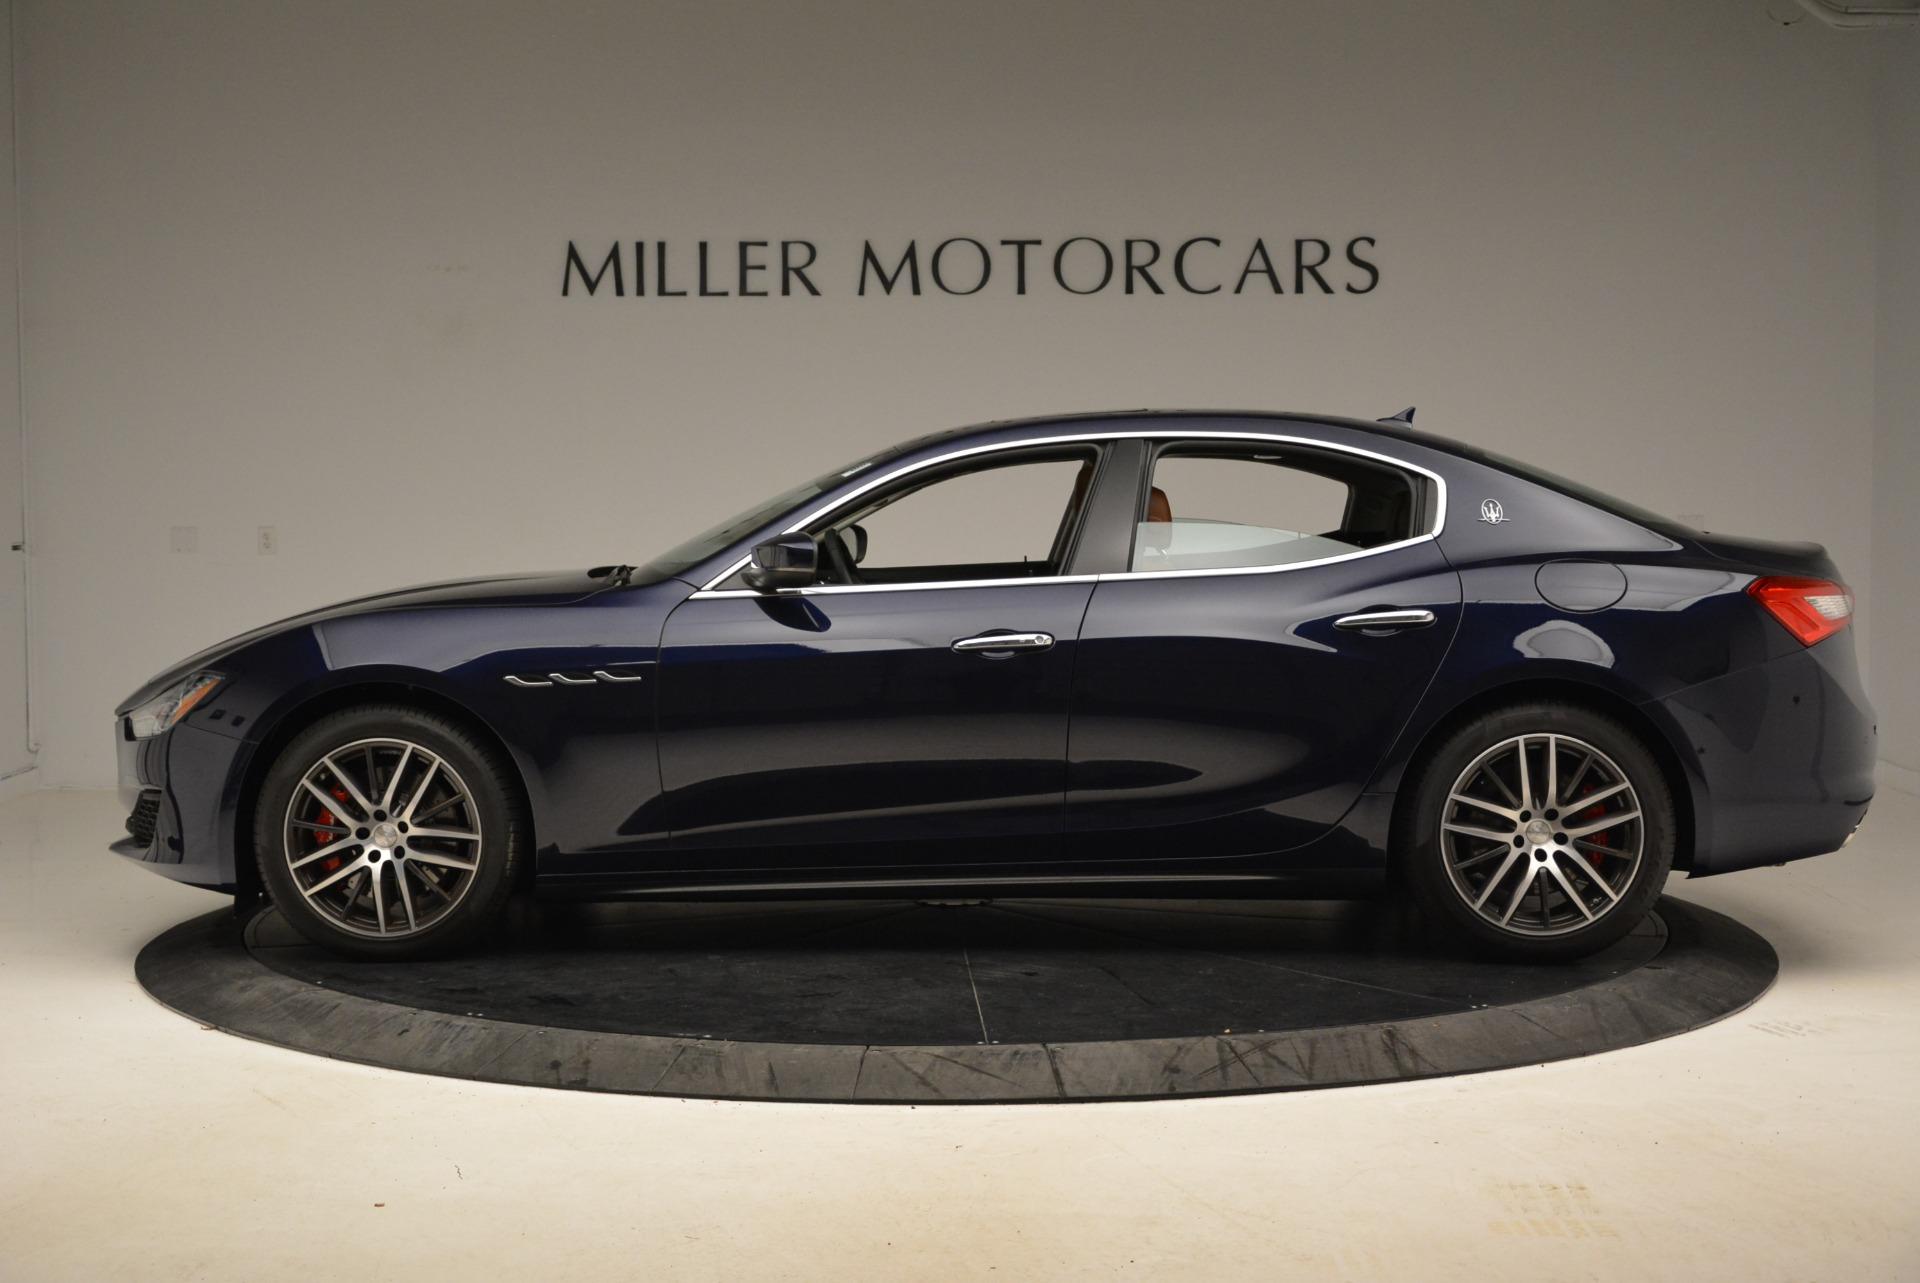 New 2019 Maserati Ghibli S Q4 For Sale In Greenwich, CT 3018_p3